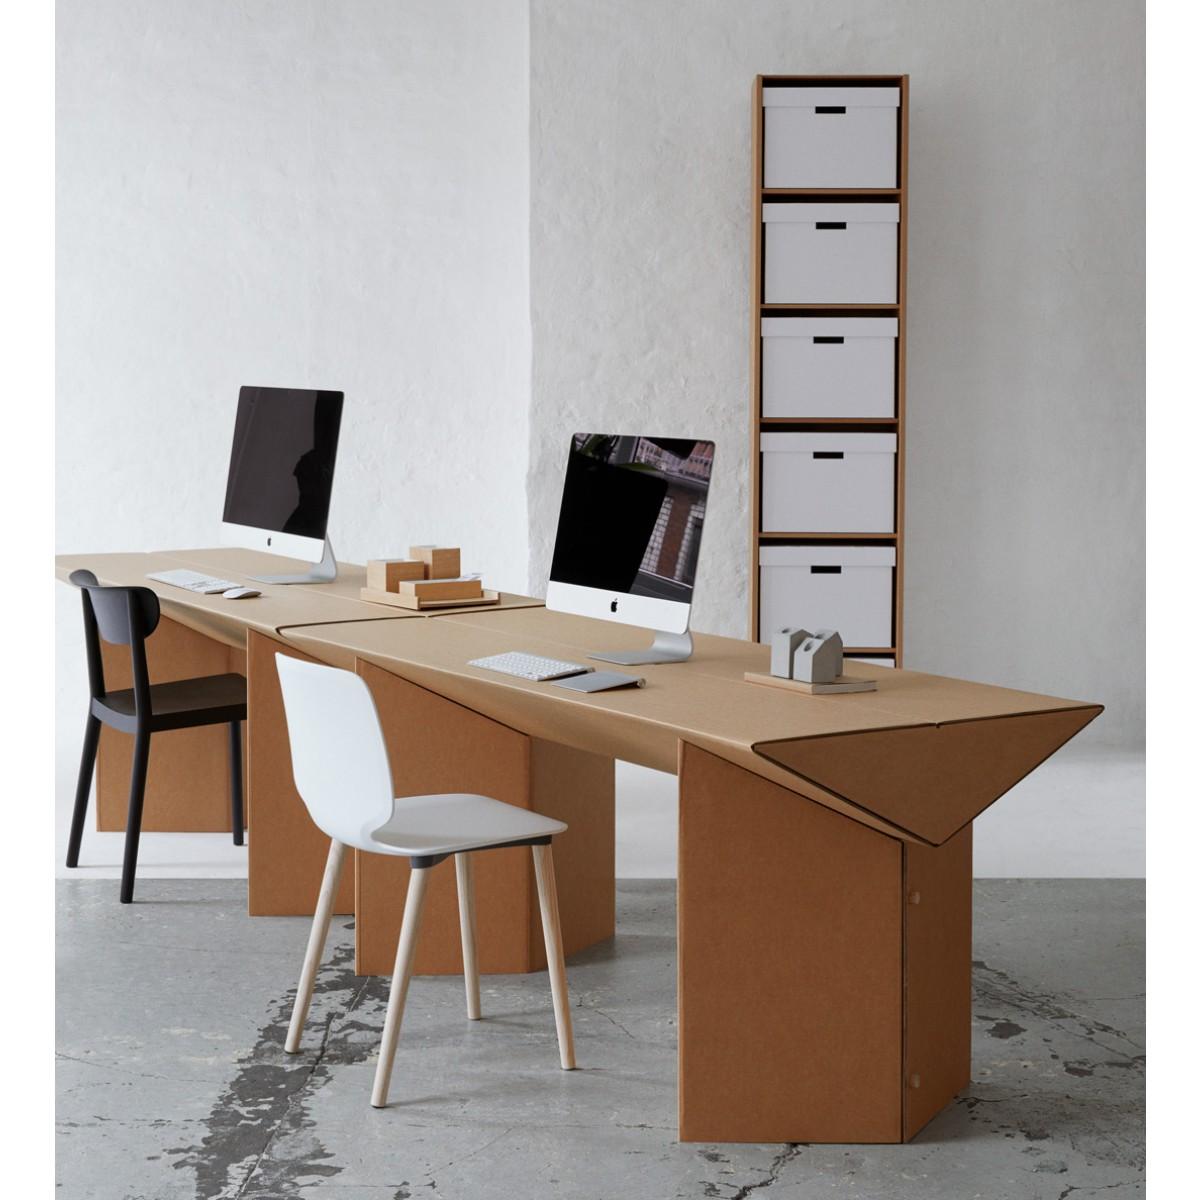 stange design tisch tabula rasa | selekkt